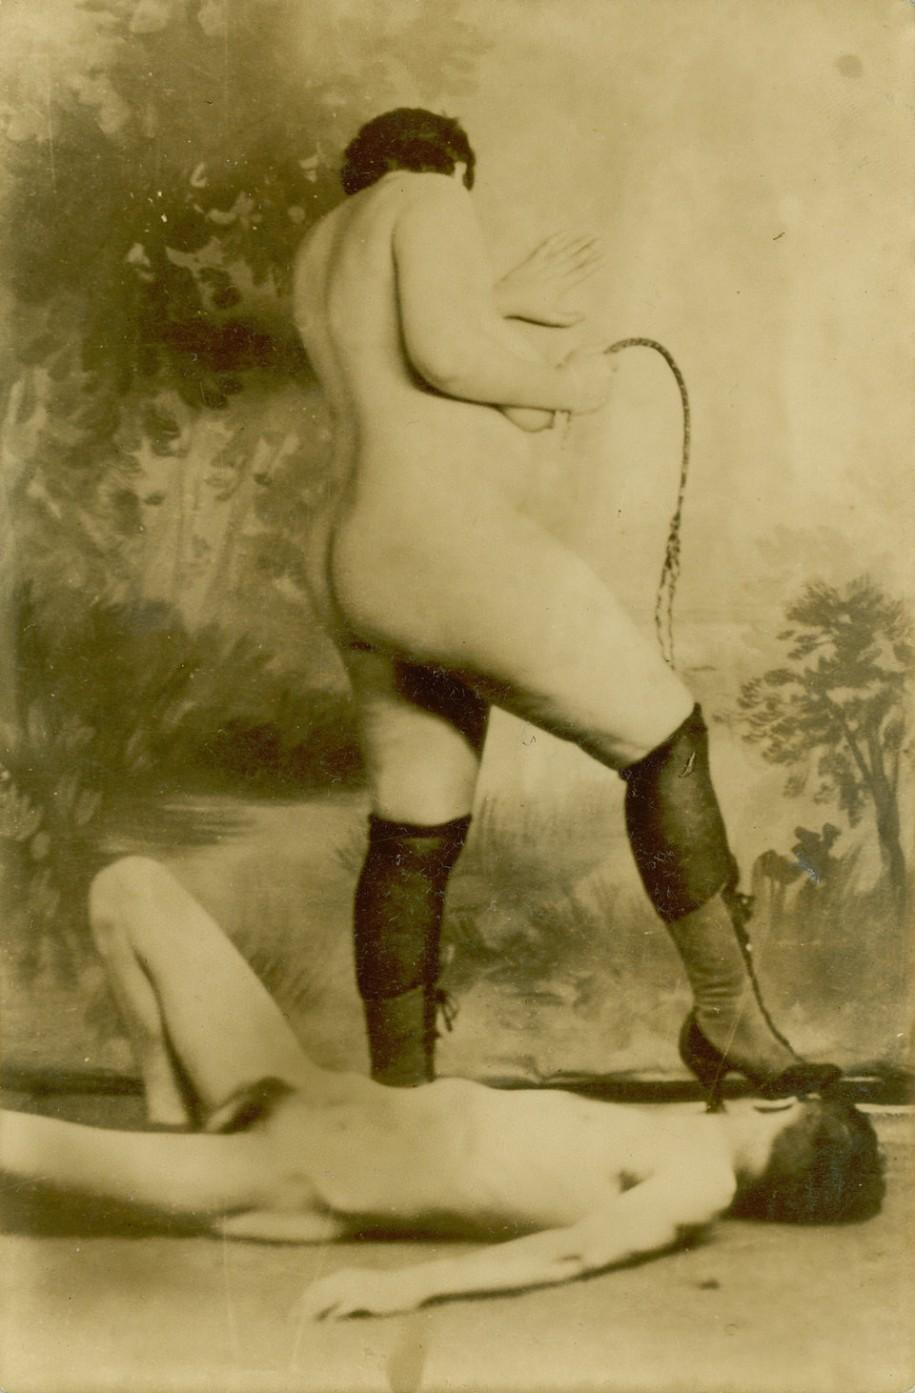 Δονητής λεσβίες γαμημένο, Εφέ ήχου δέρνω, Η πέιτζ hilton κάλτσα φετίχ.